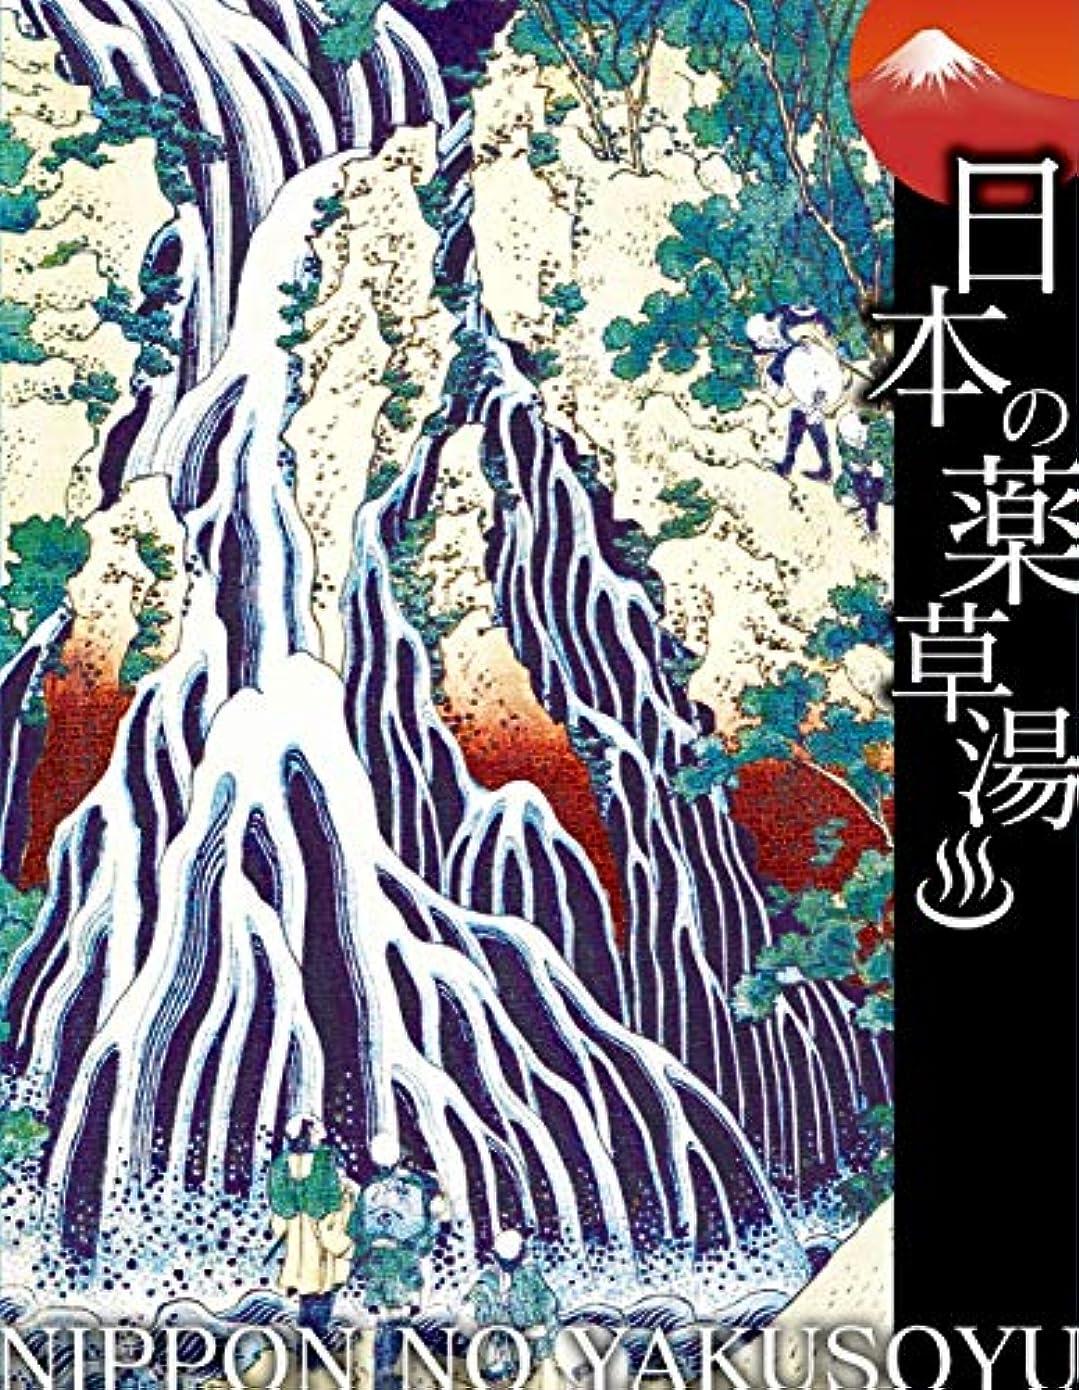 起こりやすい途方もないフォージ日本の薬草湯 下野黒髪山きりふきの滝(諸国瀧廻り)